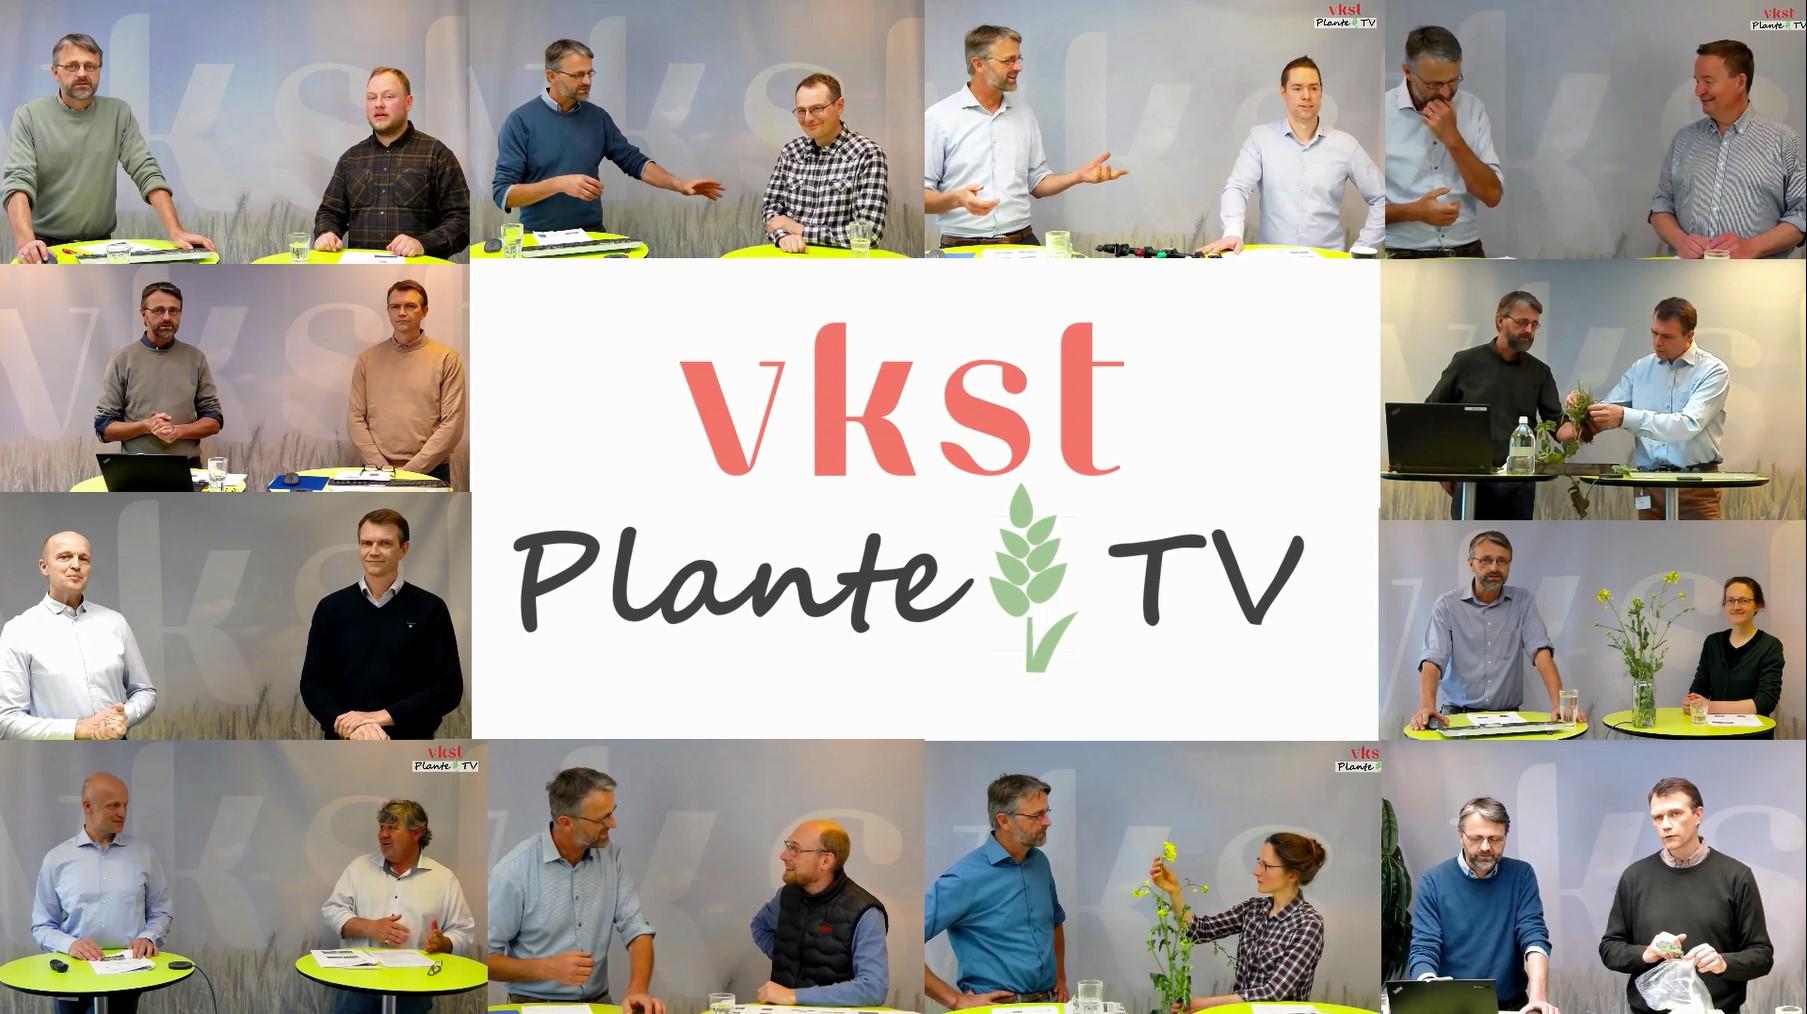 VKST Lancerer Ny Kanal: VKST PlanteTv